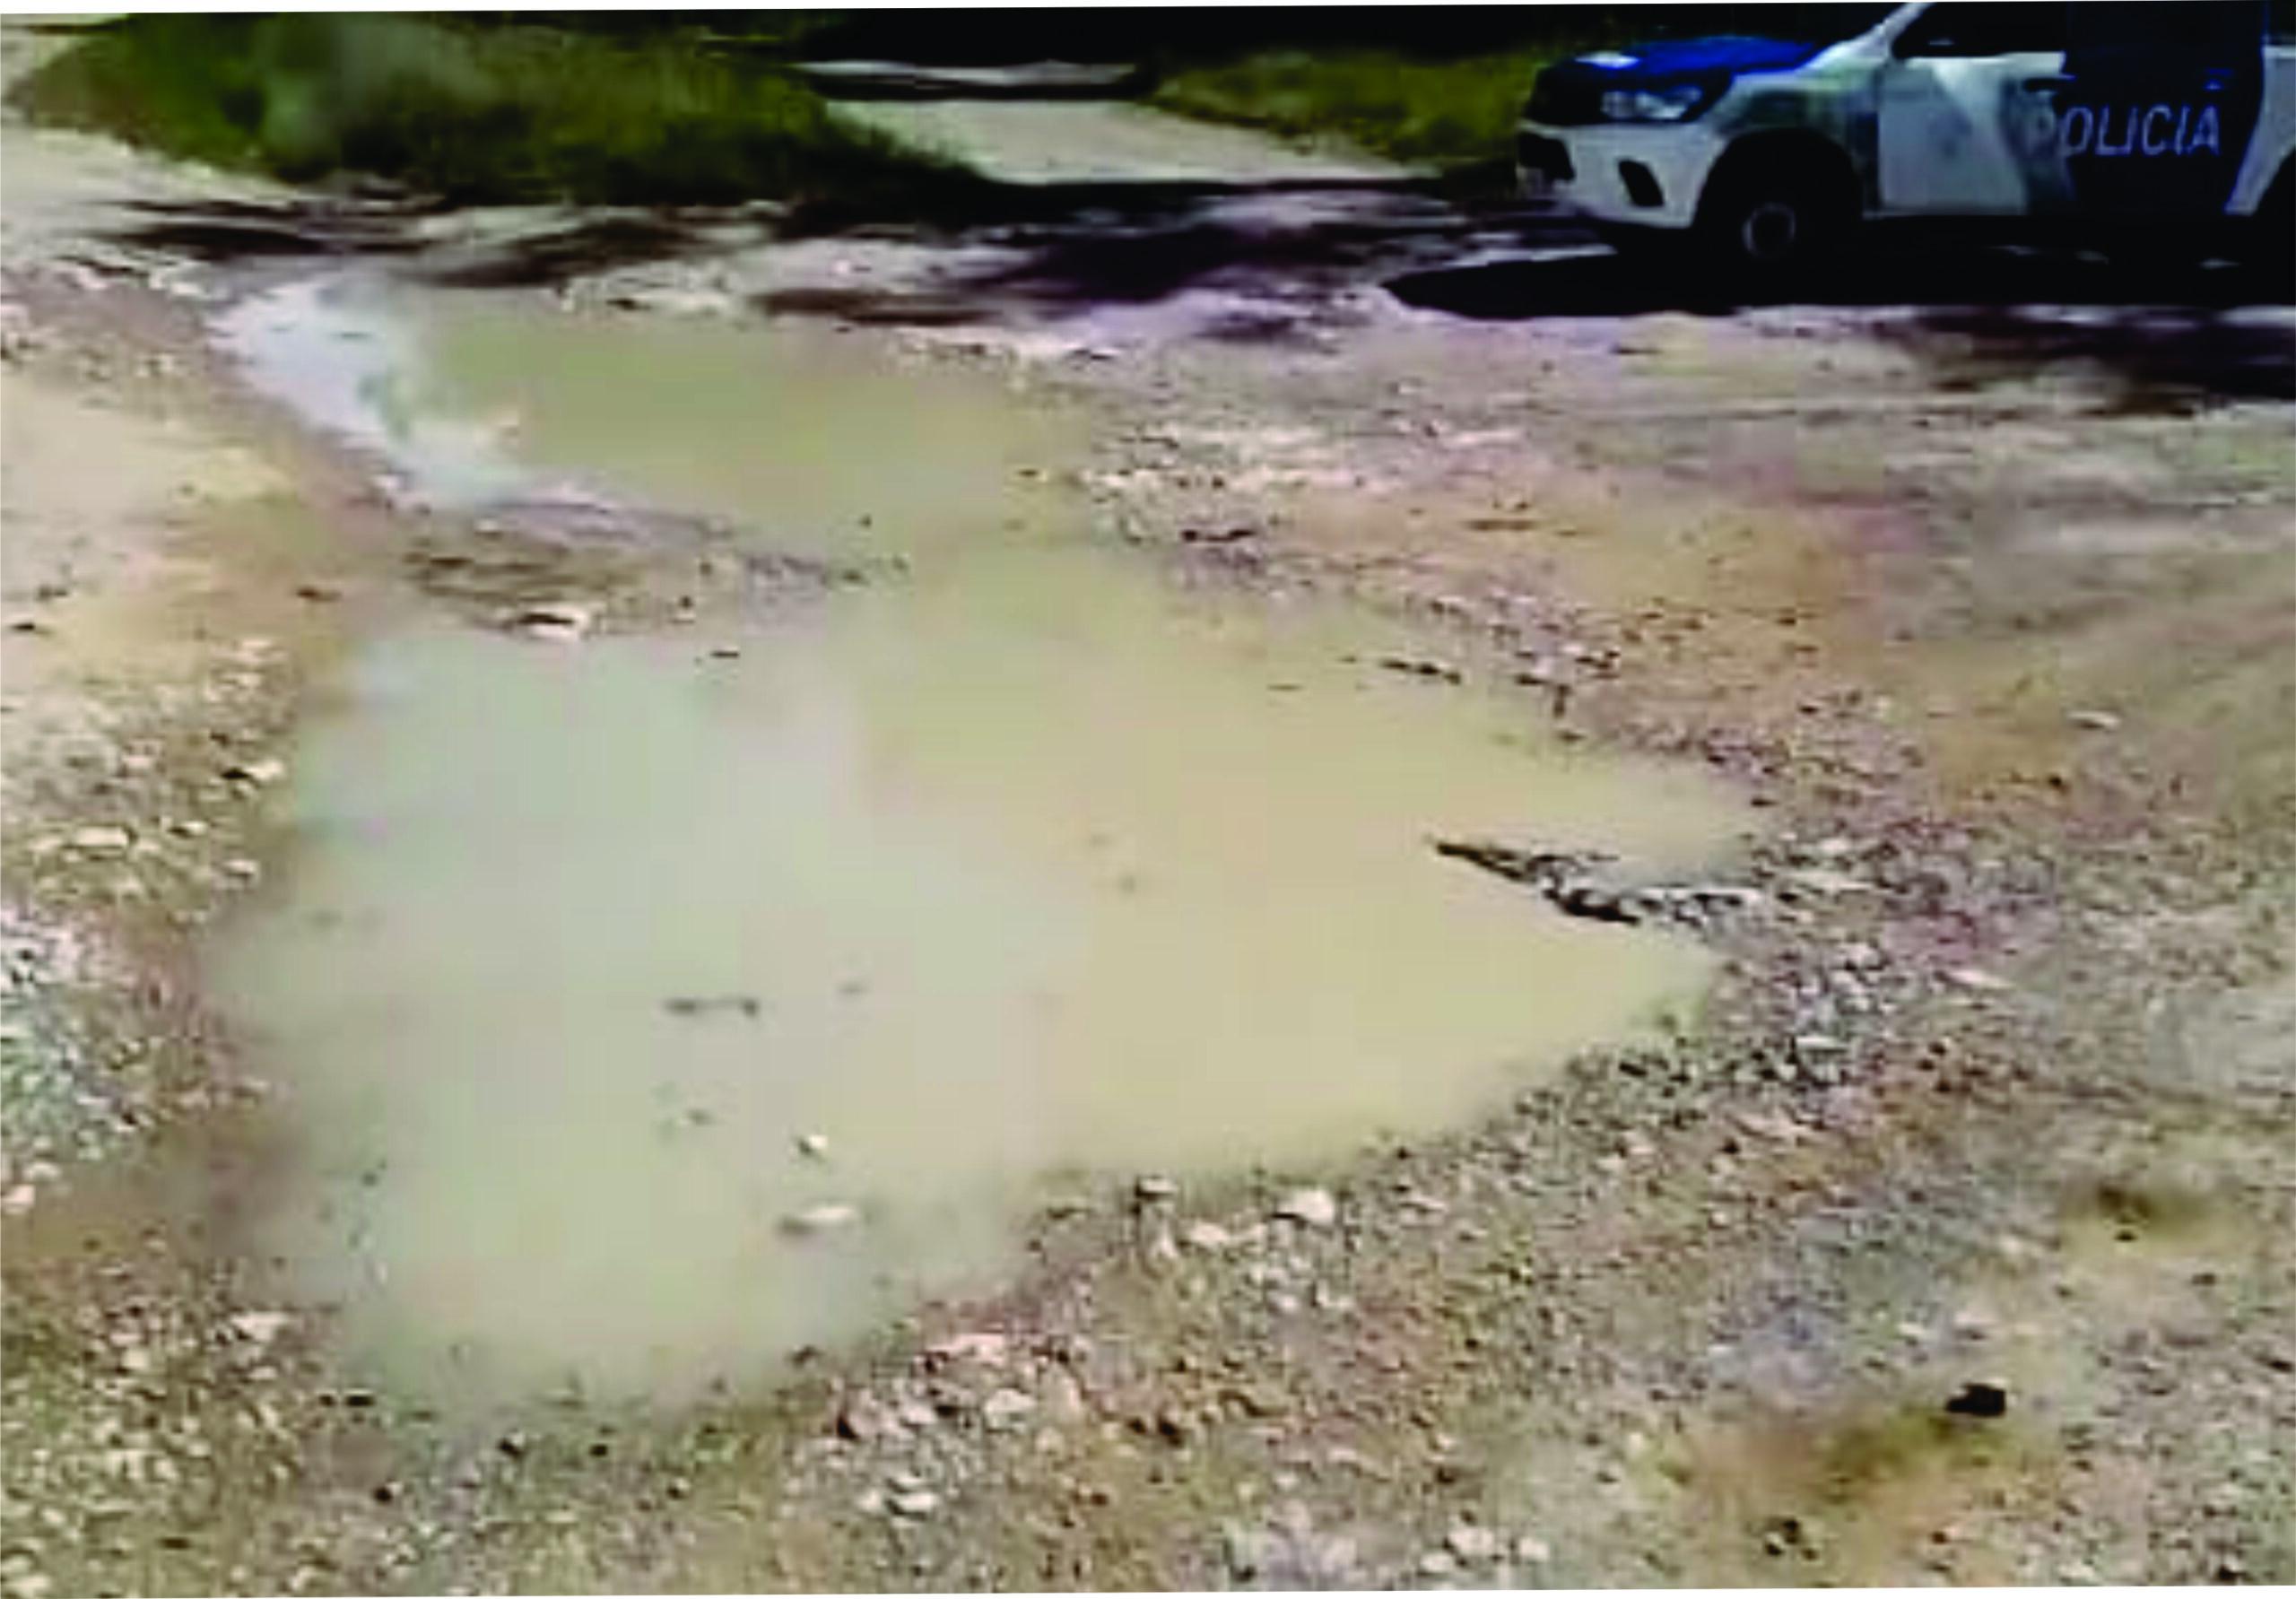 El accidente de la moto no fue en Alem según el informe policial, y el baden existe